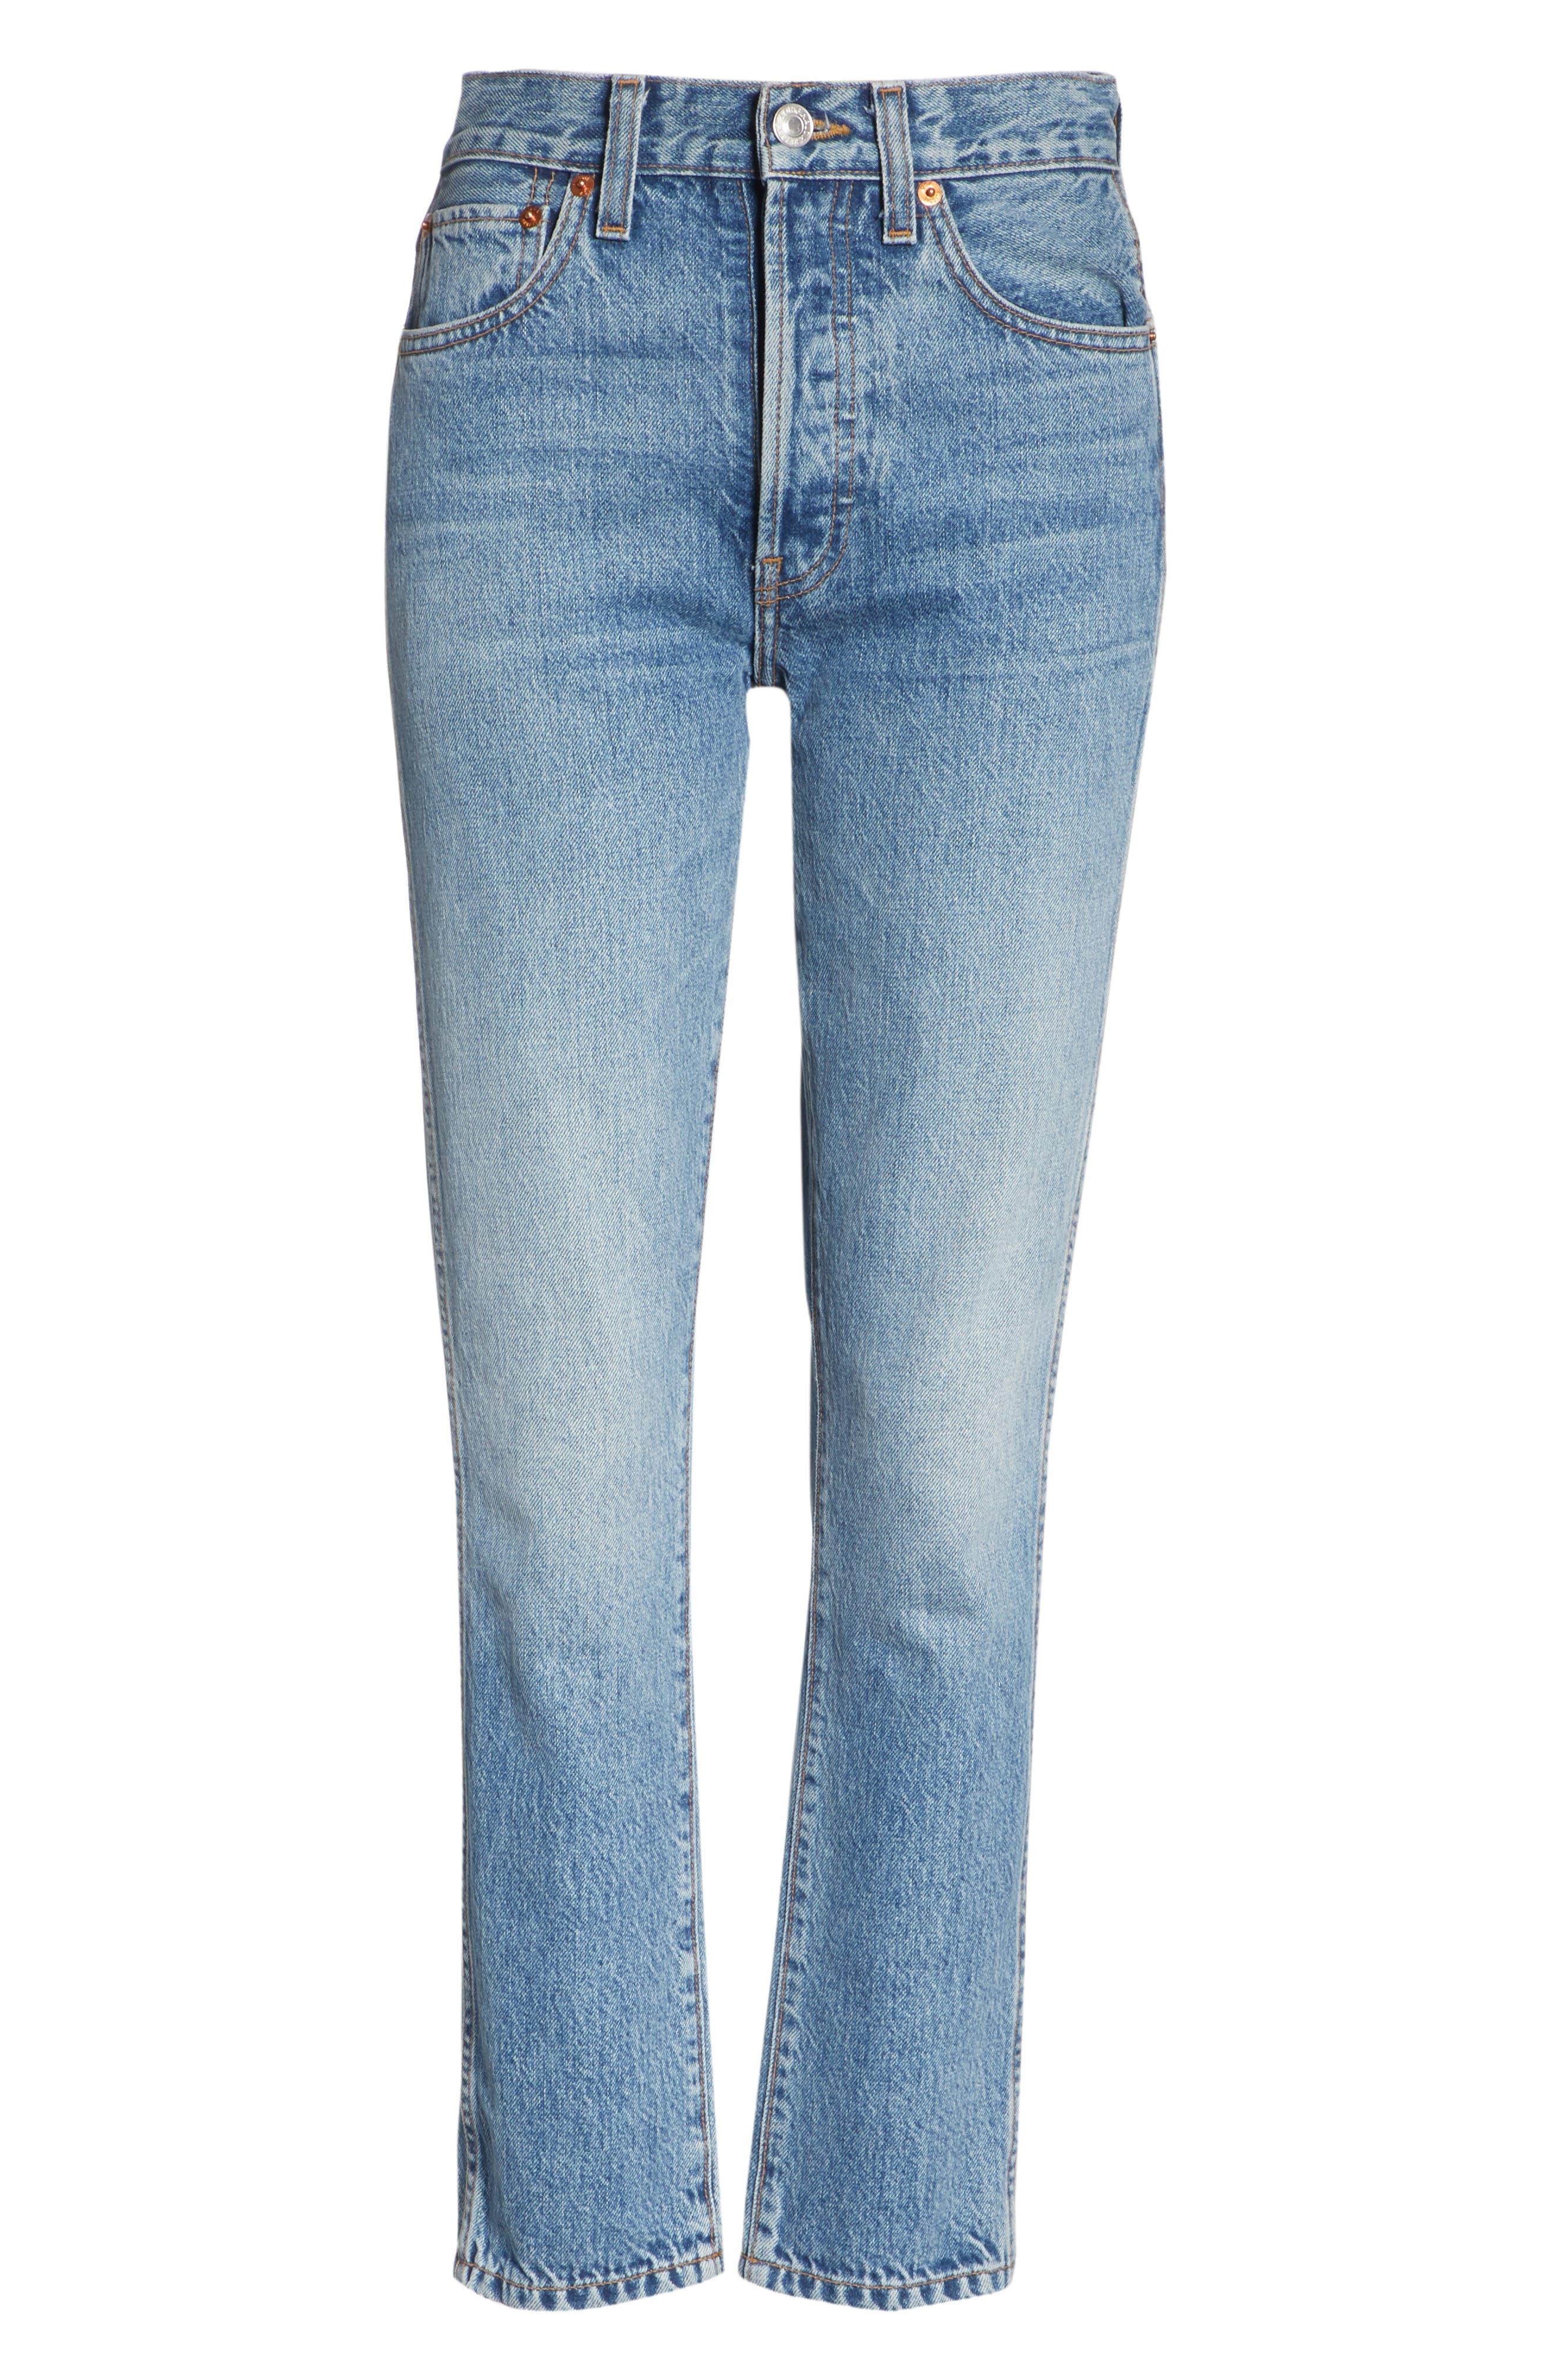 Originals High Waist Double Needle Ankle Jeans,                             Alternate thumbnail 6, color,                             400